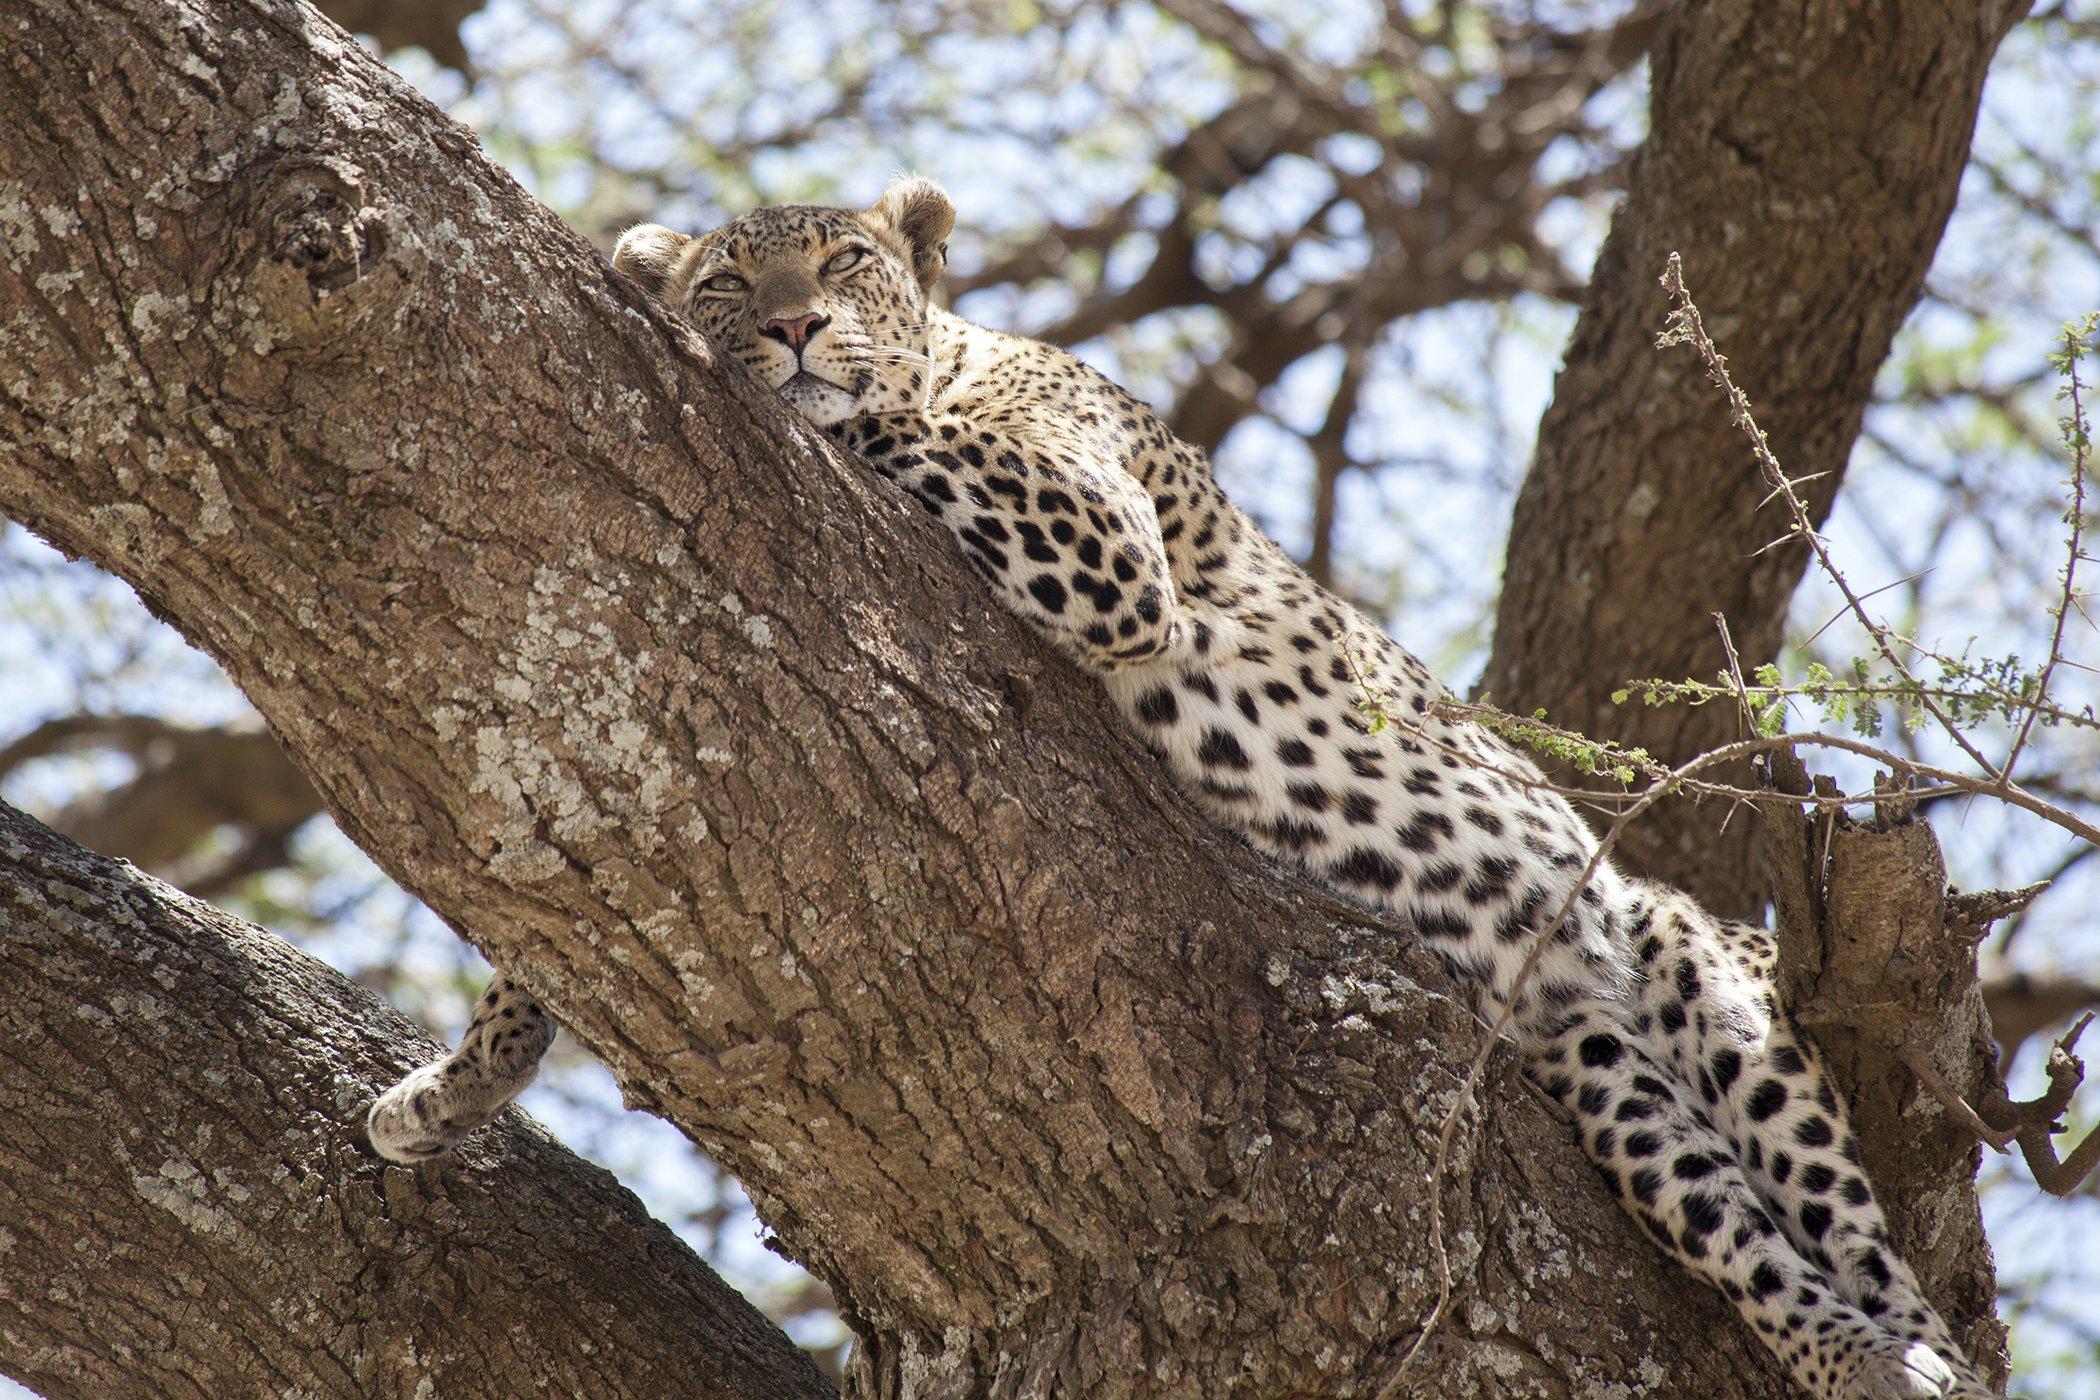 Leopard-Africa-Dani-Selby.jpg